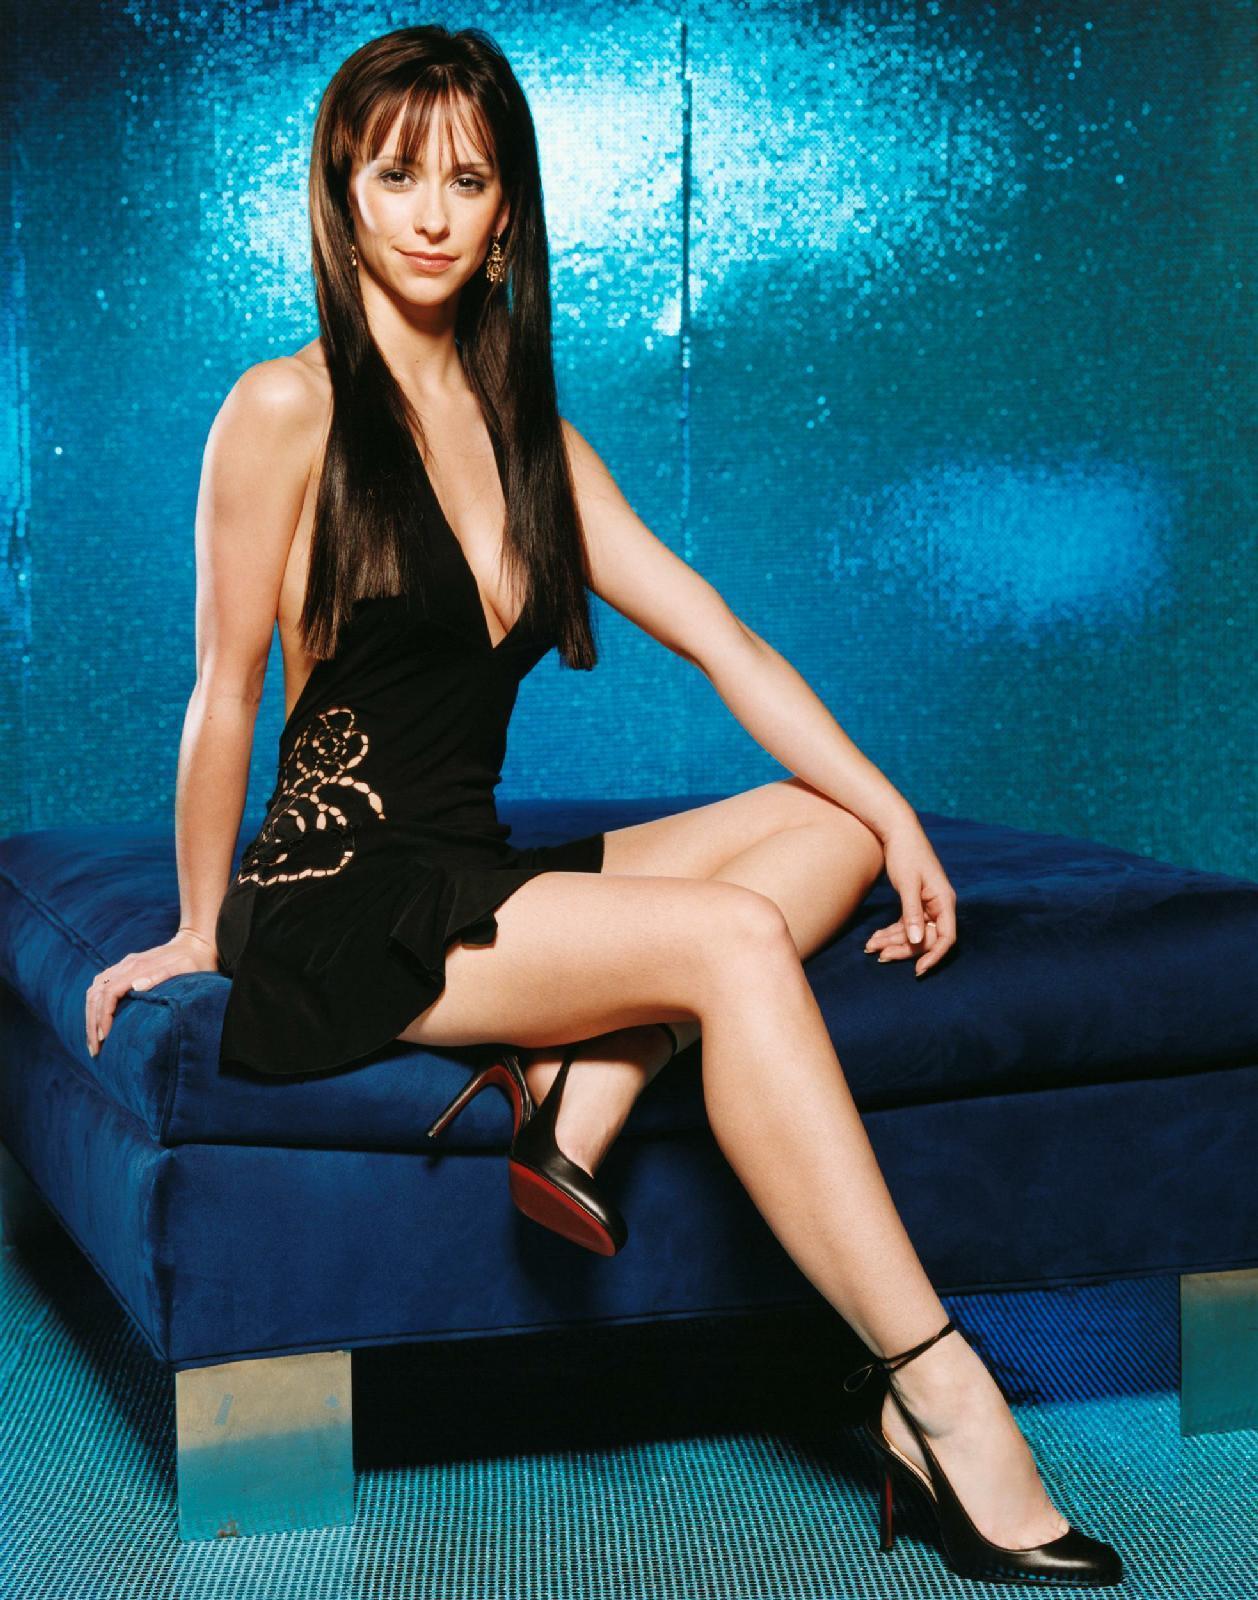 http://3.bp.blogspot.com/-QVTtbszl_8c/TclR7wpxnBI/AAAAAAAAAdU/L9DP6R-cYeY/s1600/FHM-Jennifer-Love-Hewitt-2002-fhm-1173349_1258_1600.jpg